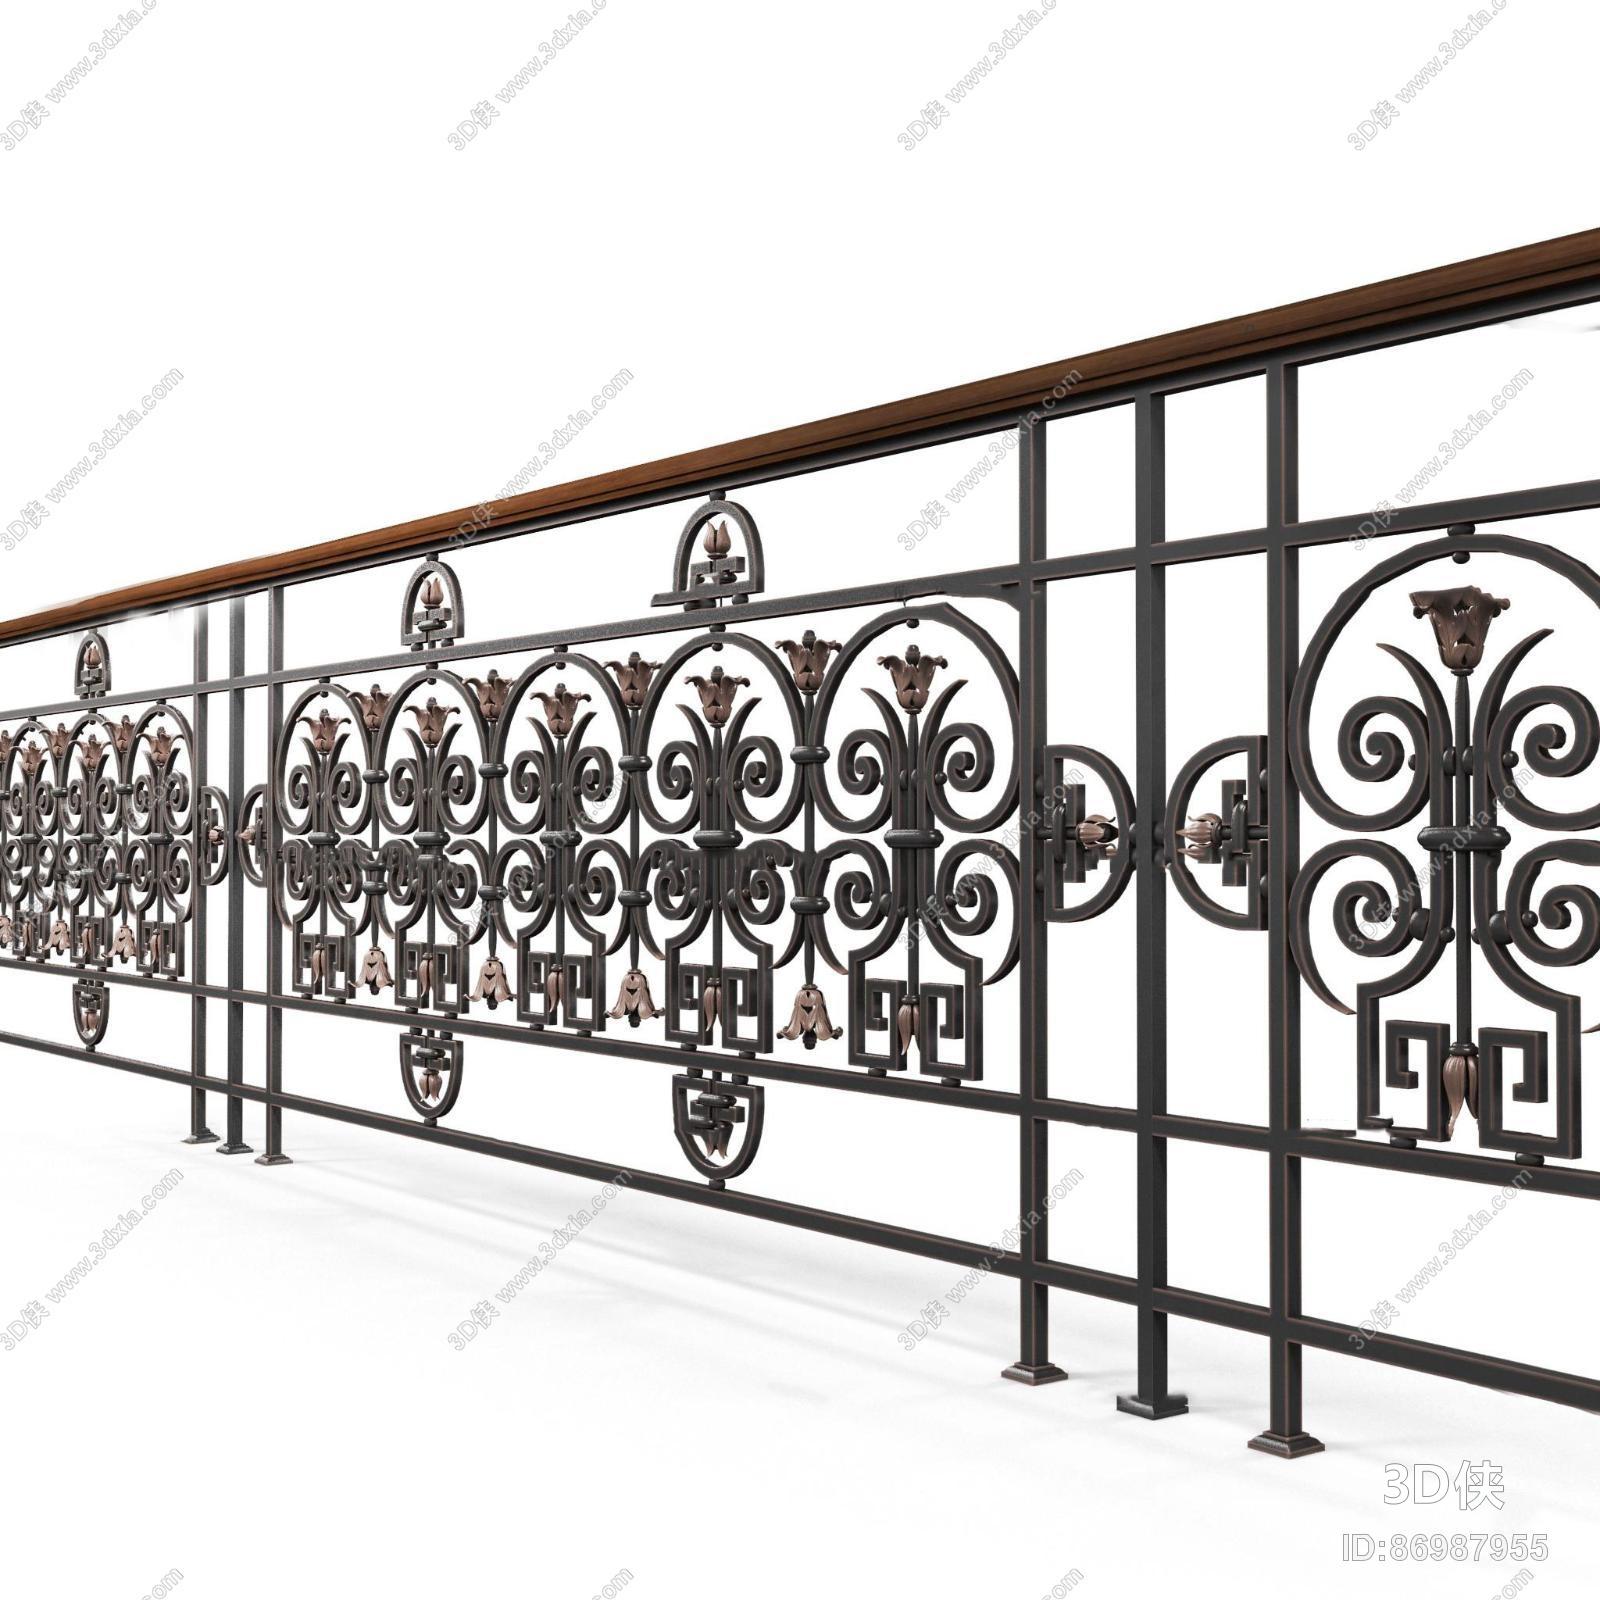 效果图素材免费下载,本作品主题是欧式铁艺栏杆护栏3d模型,编号是